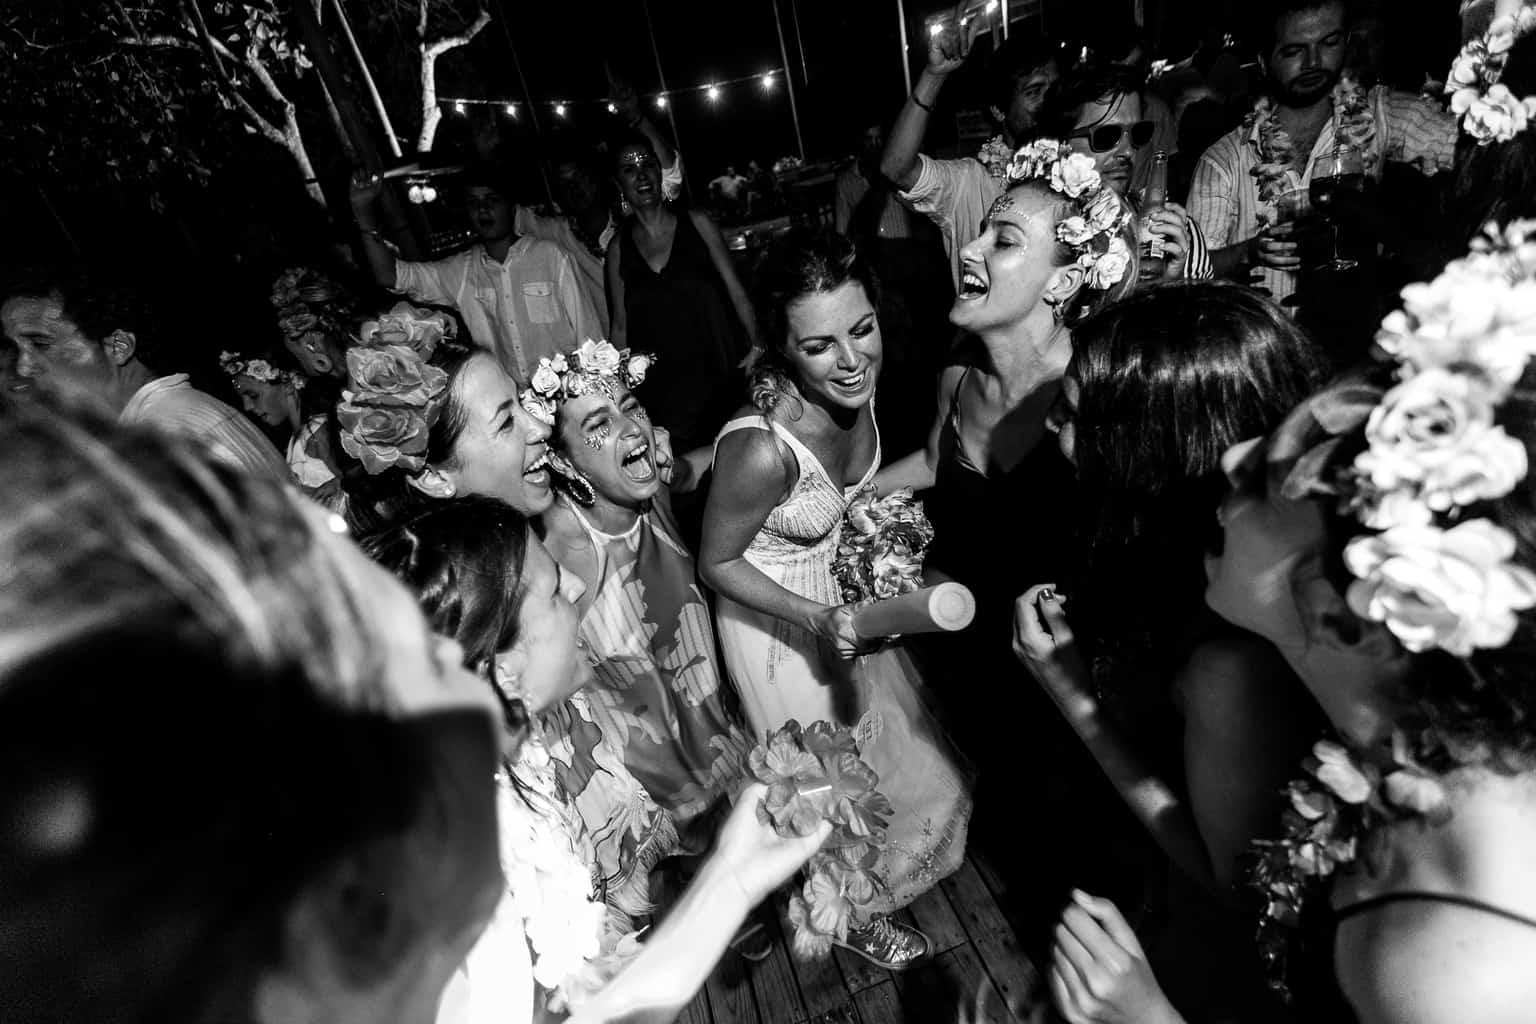 Casamento-Victoria-e-Christian-Fotografia-Tiago-Saldanha-Festa949_MG_2582